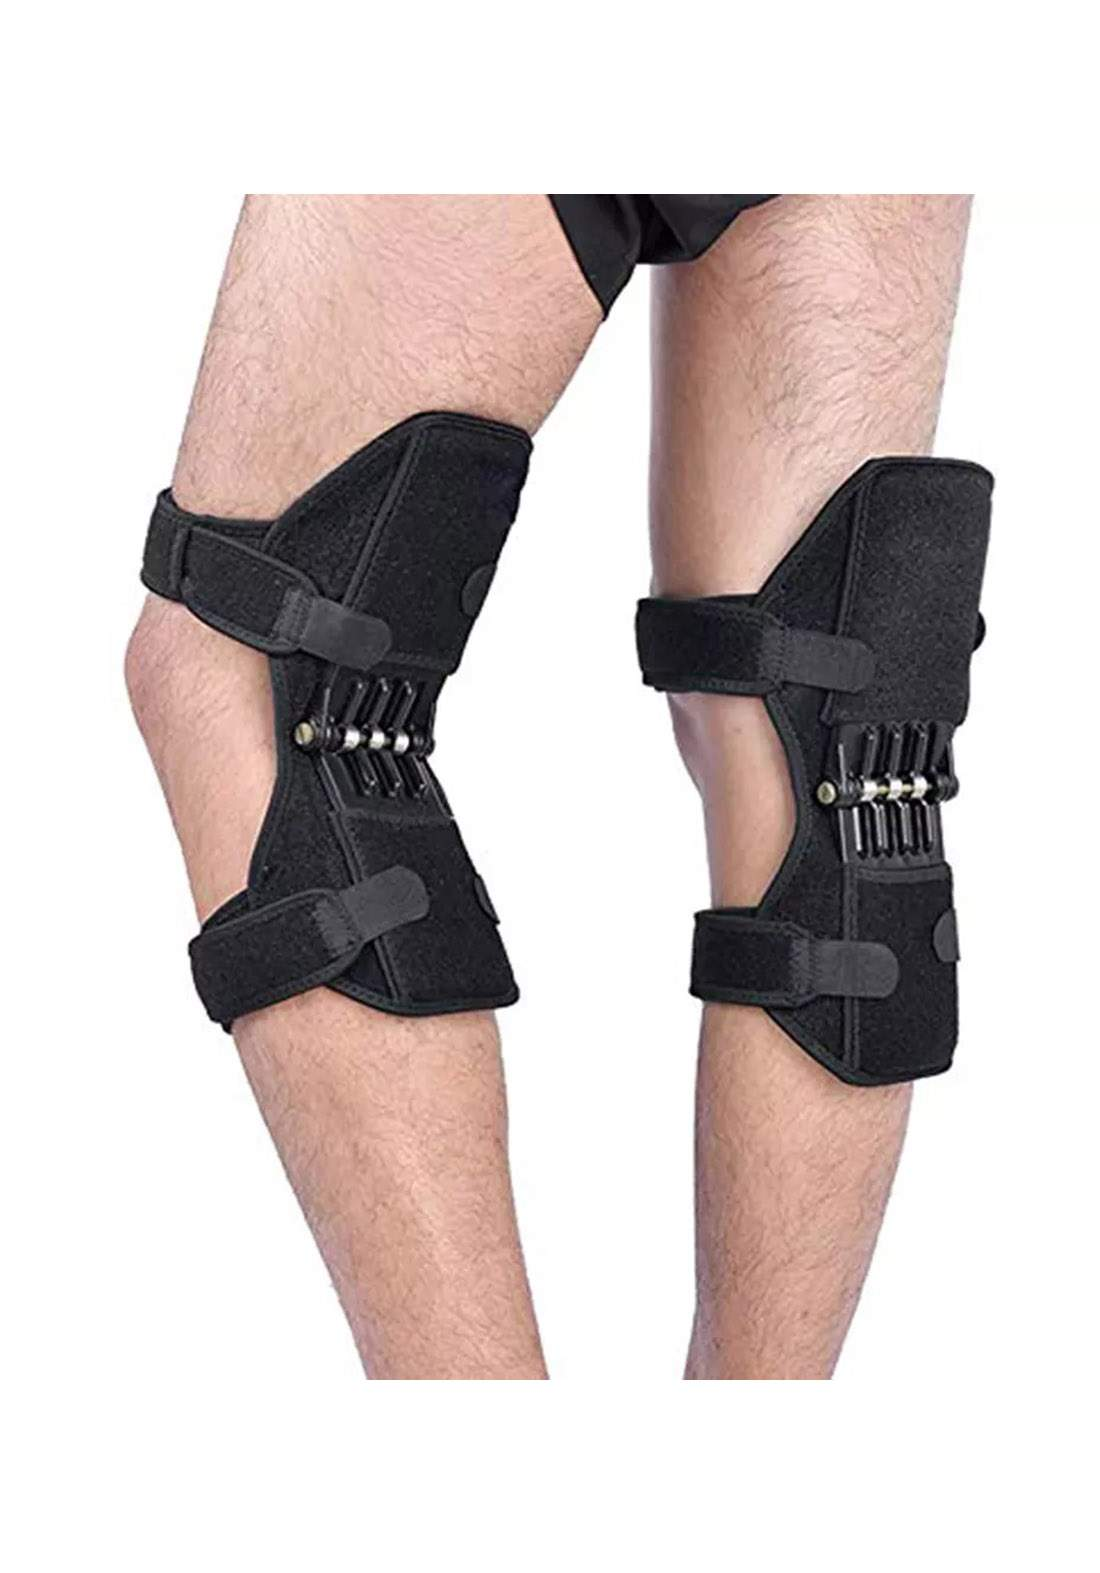 Spring Knee Brace Supportدعامة الركبة